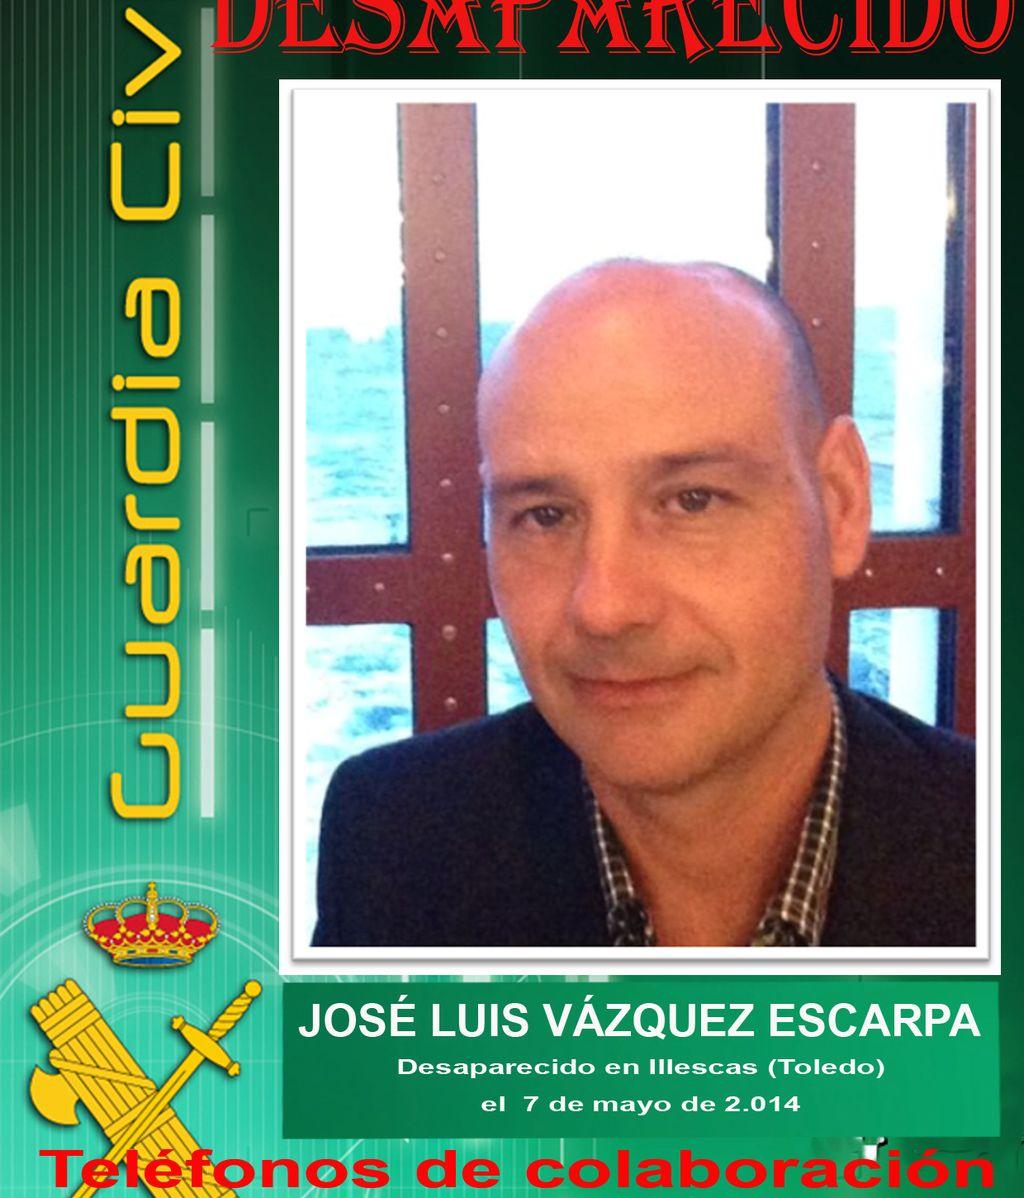 La Guardia Civil pide colaboración ciudadana para encontrar a un hombre desaparecido en Toledo